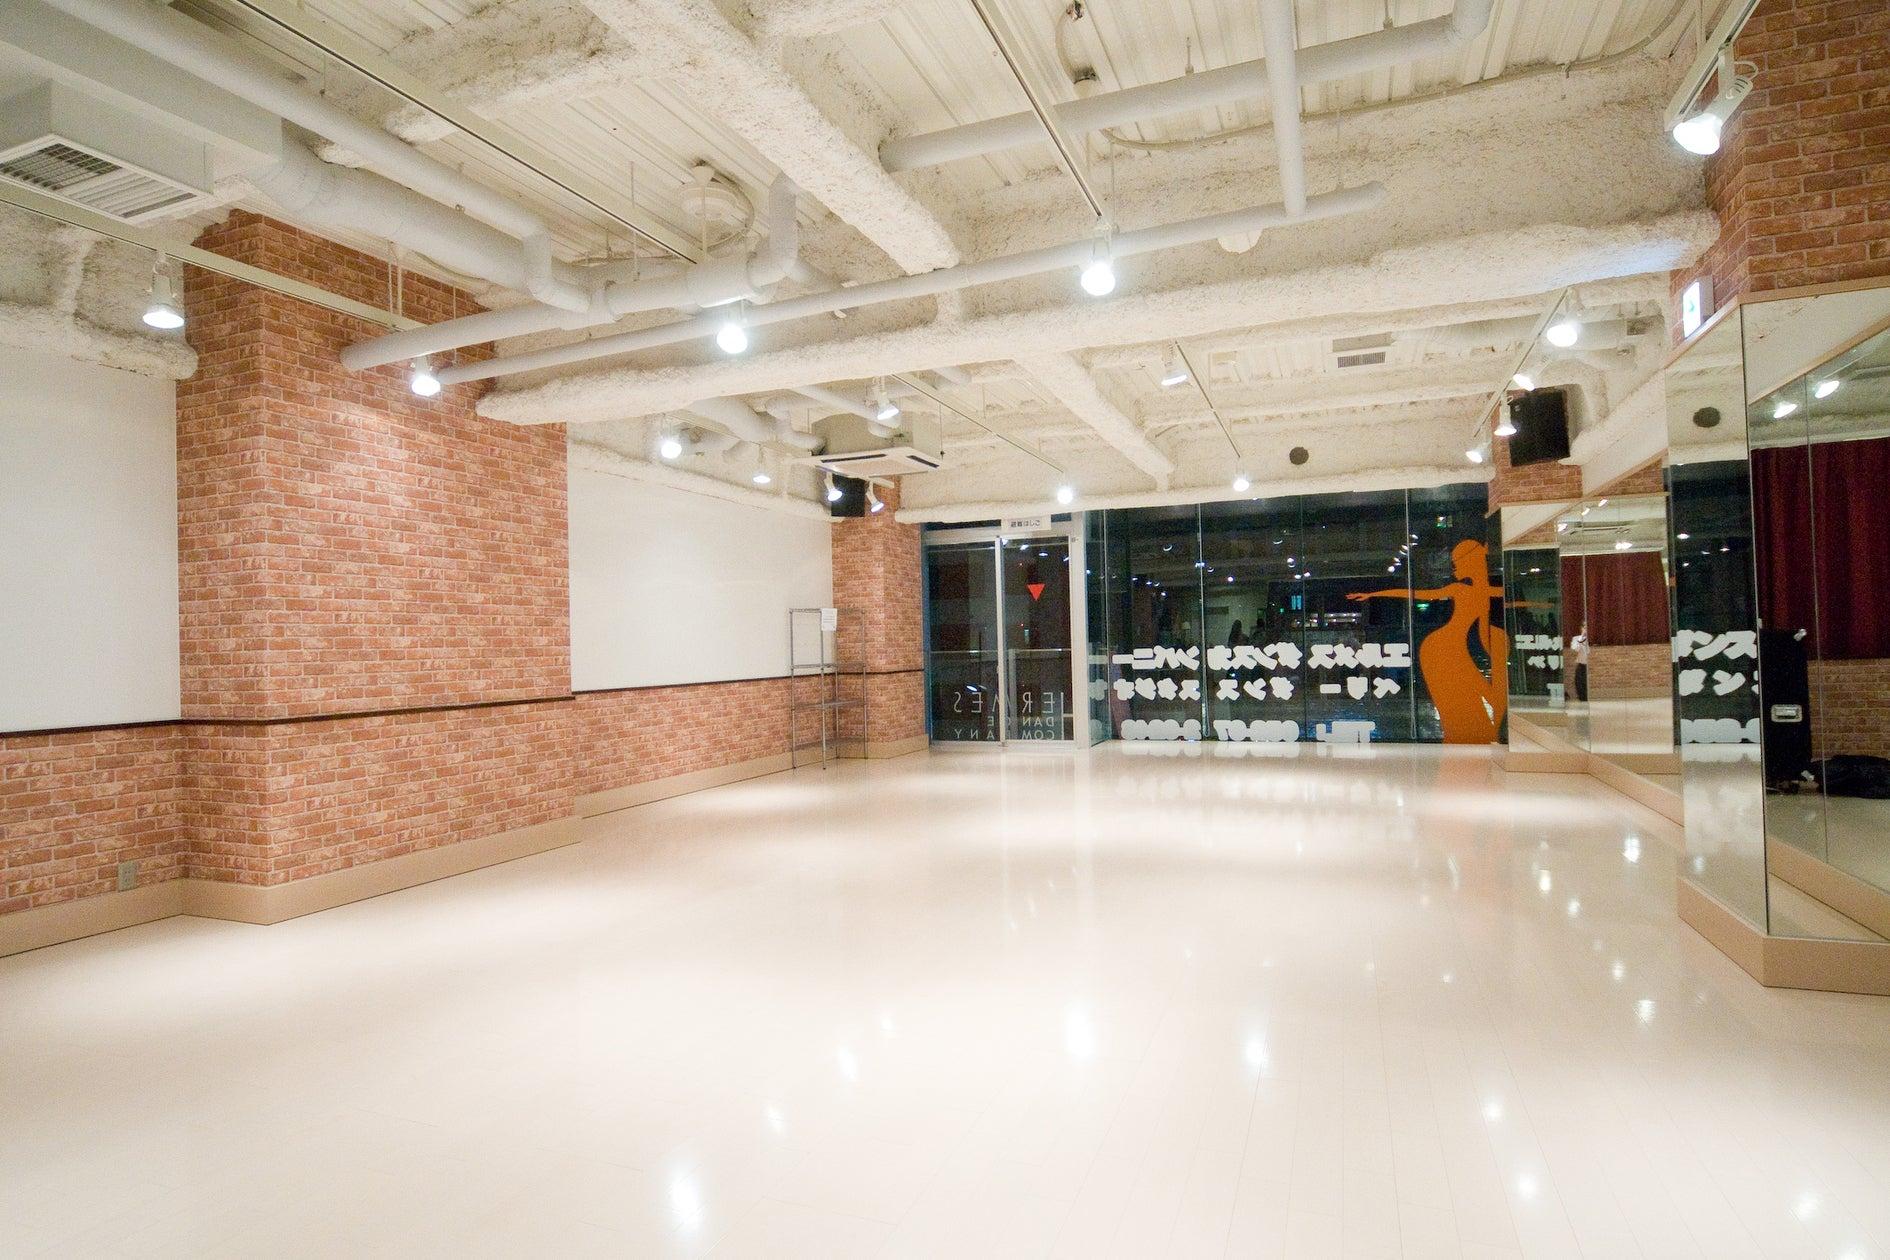 ダンスの練習、ヨガ、イベントでのご利用に最適!!(エルメスダンスカンパニー栄校 スタジオサハラ ダンスの練習、イベント利用などに!) の写真0